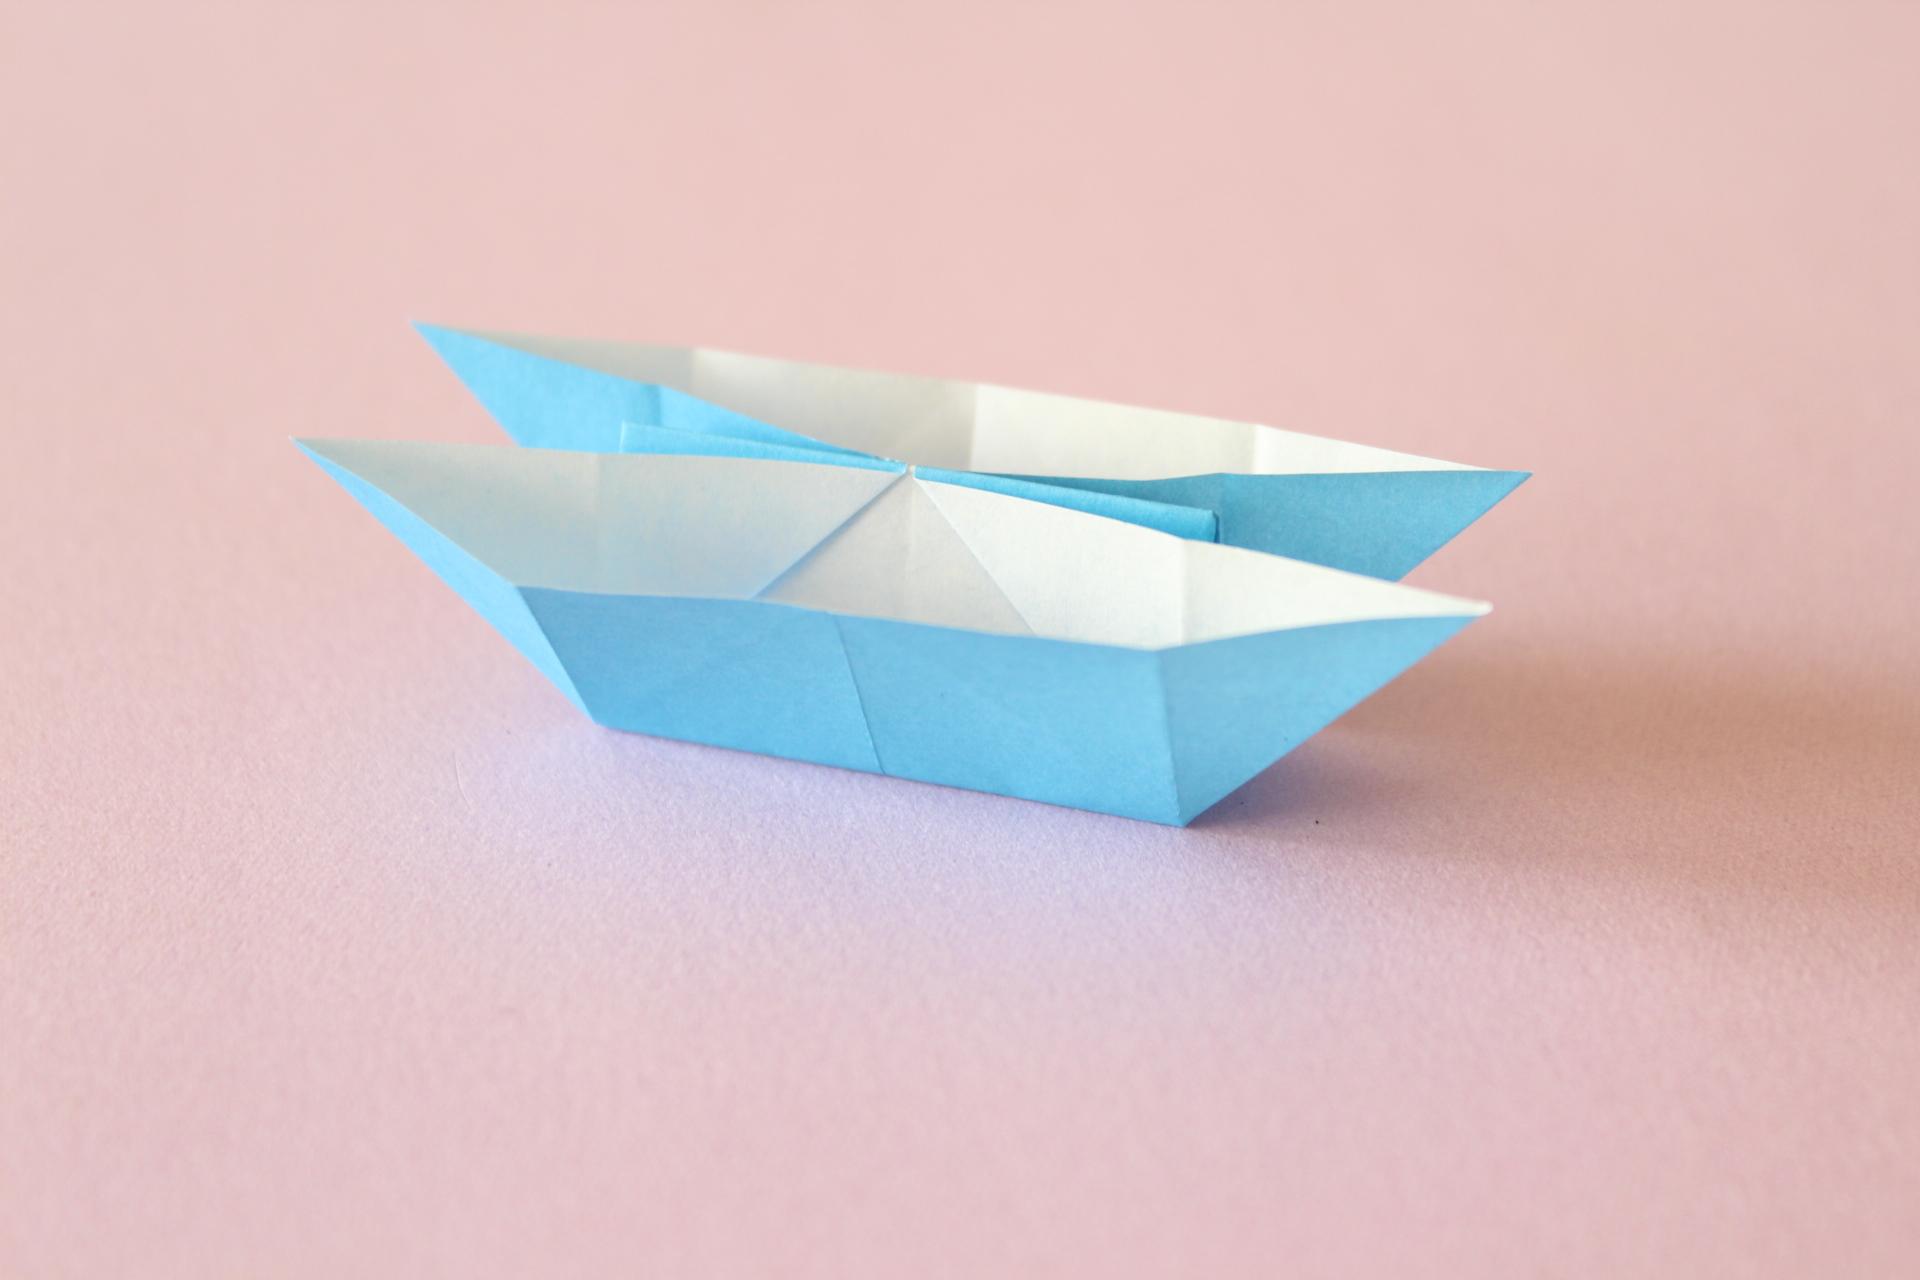 折り紙でにそうぶねの折り方